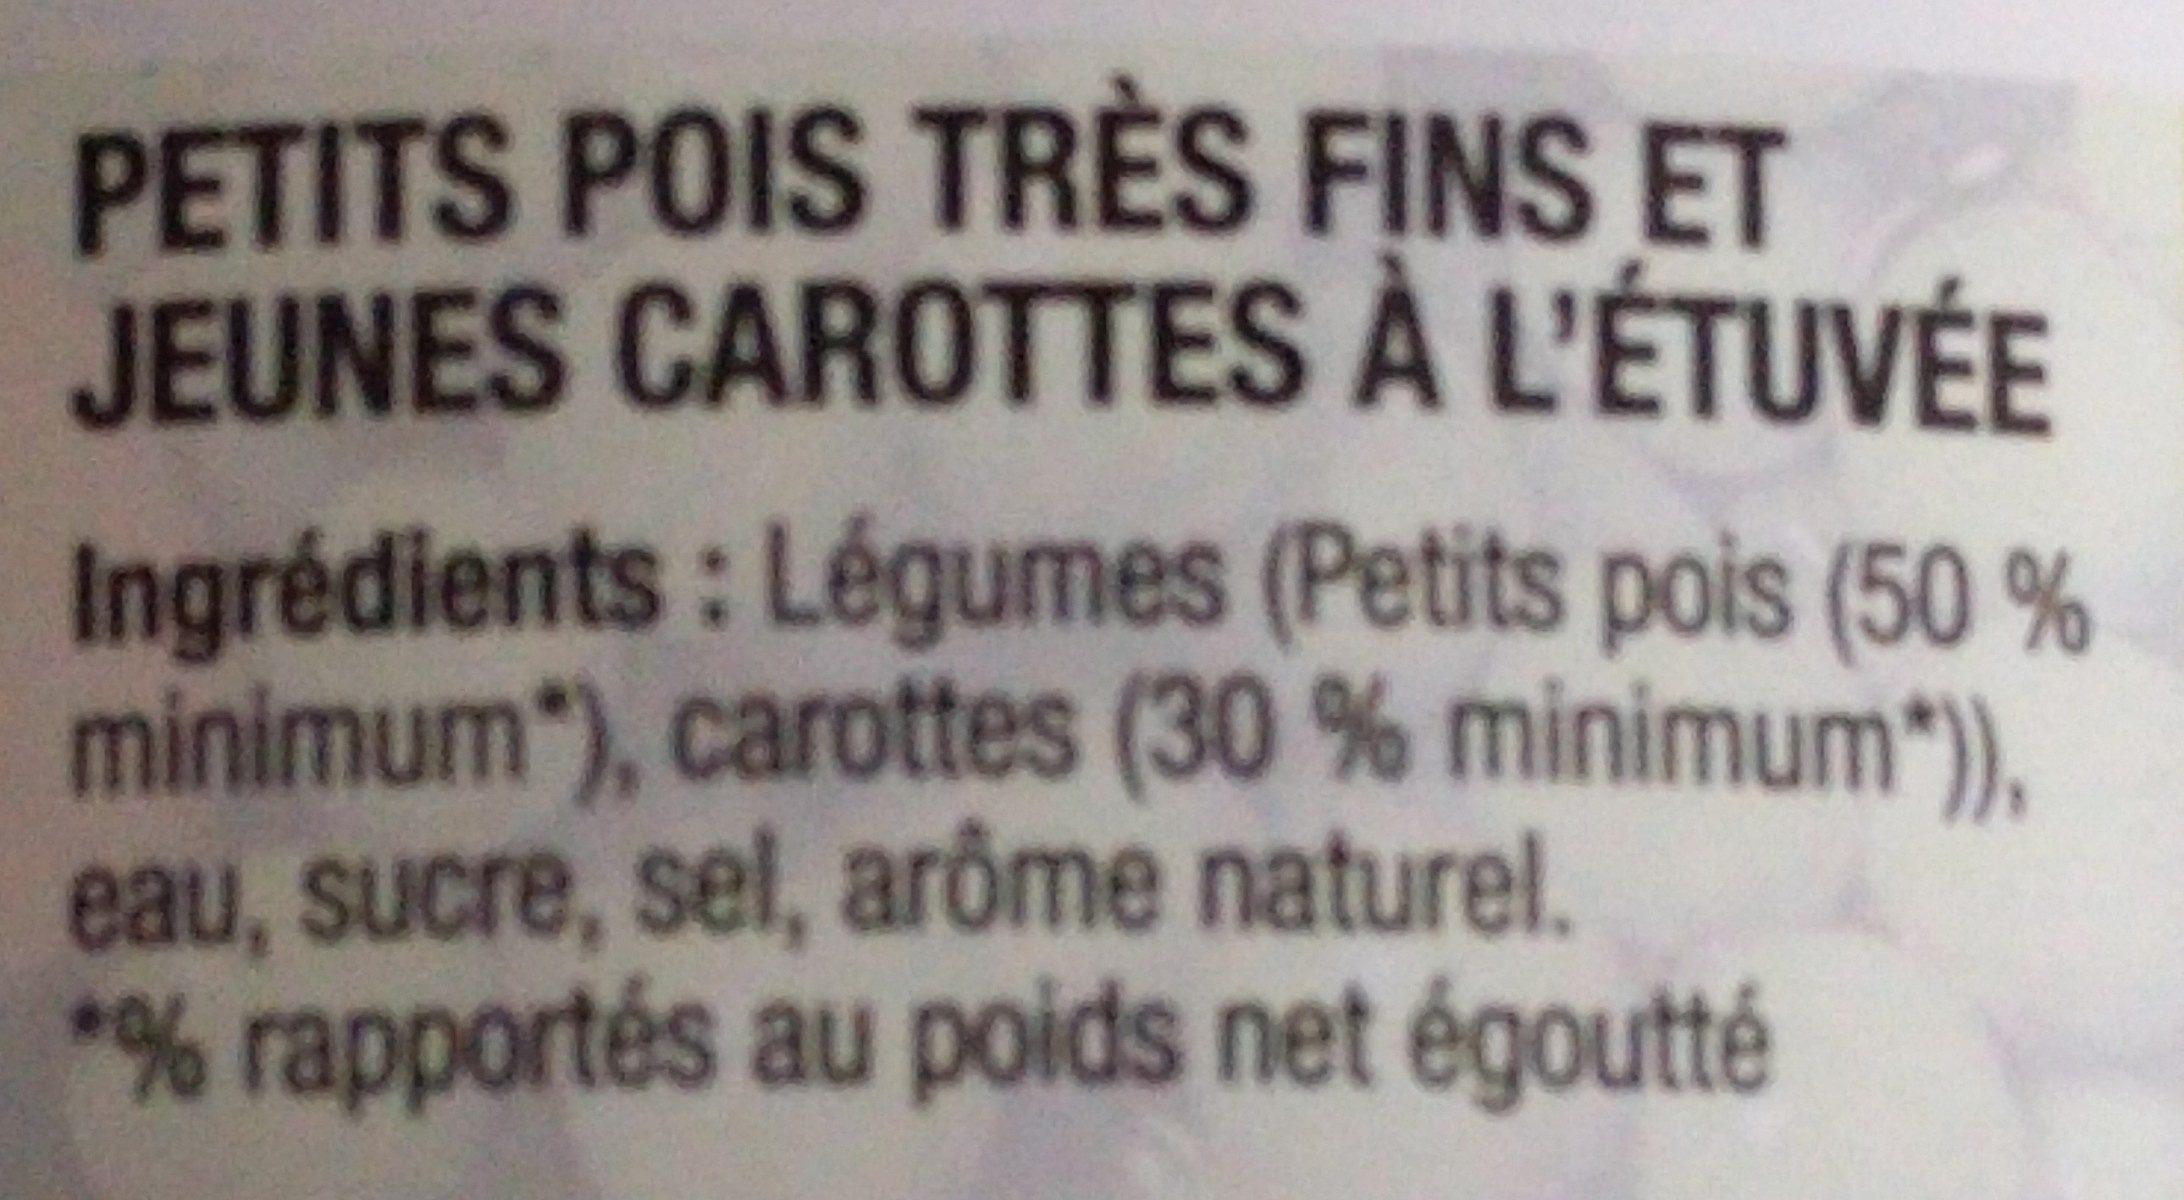 Petits pois et jeunes carottes très fins - Ingrédients - fr